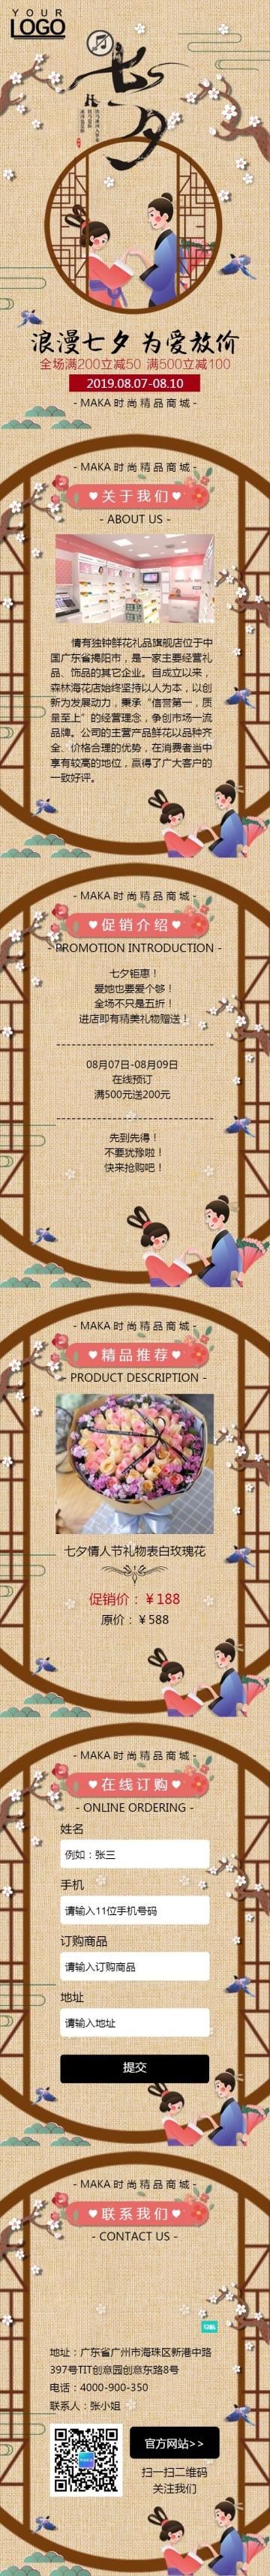 浪漫唯美七夕情人节商家促销活动七夕节花店礼品促销宣传单页模板